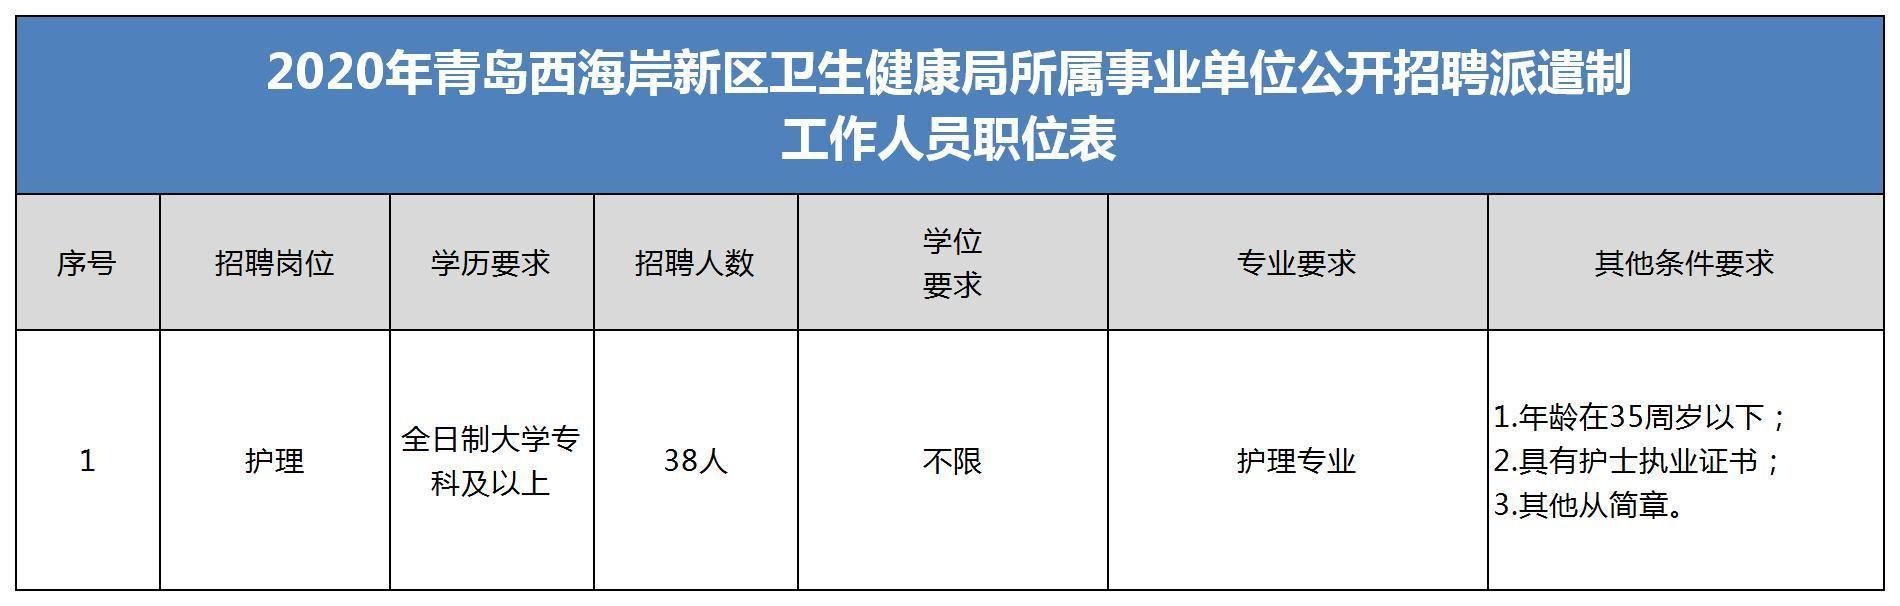 青岛西海岸新区卫生健康局所属事业单位公开招聘派遣制工作人员38人